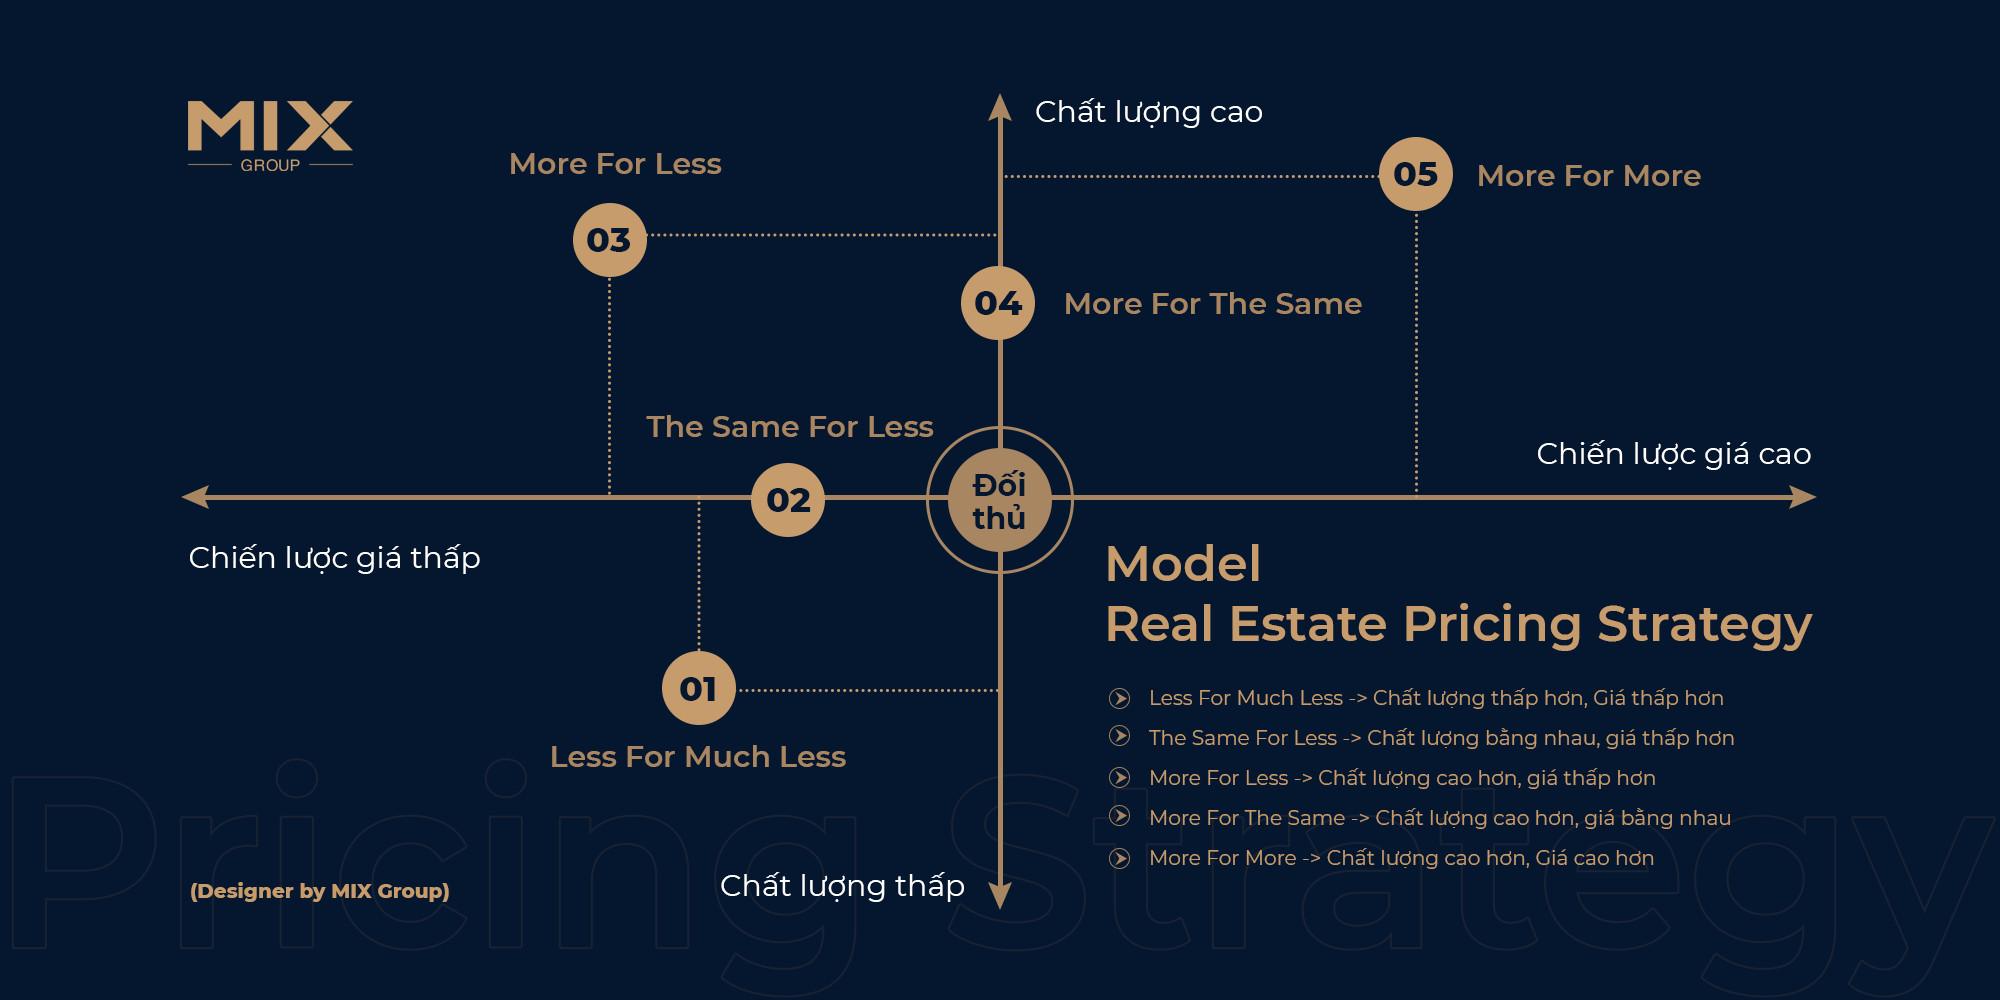 Model chiến lược định vị giá bán bất động sản